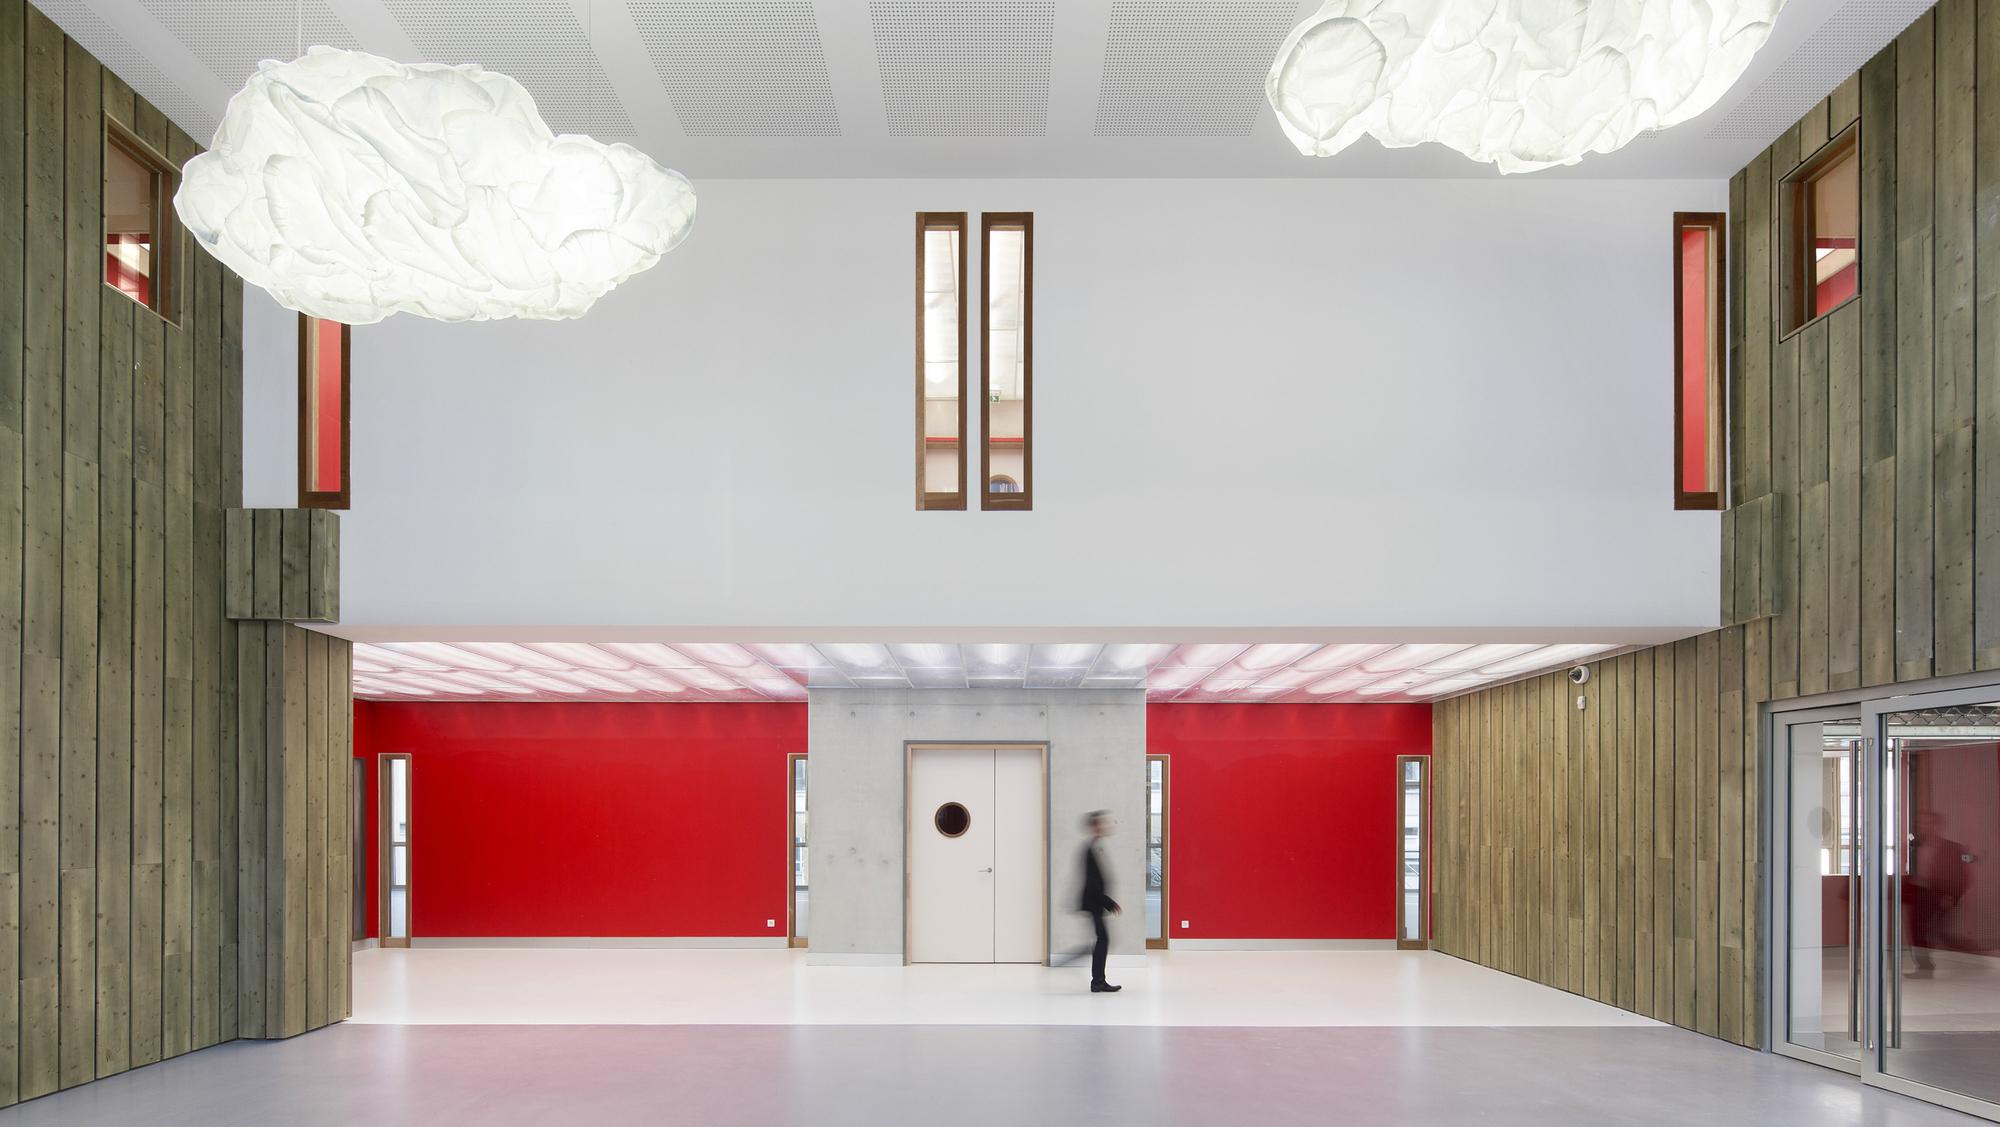 IGN Centro de geociencias y meteorología de Francia  / Architecture Patrick Mauger, © Michel Denancé